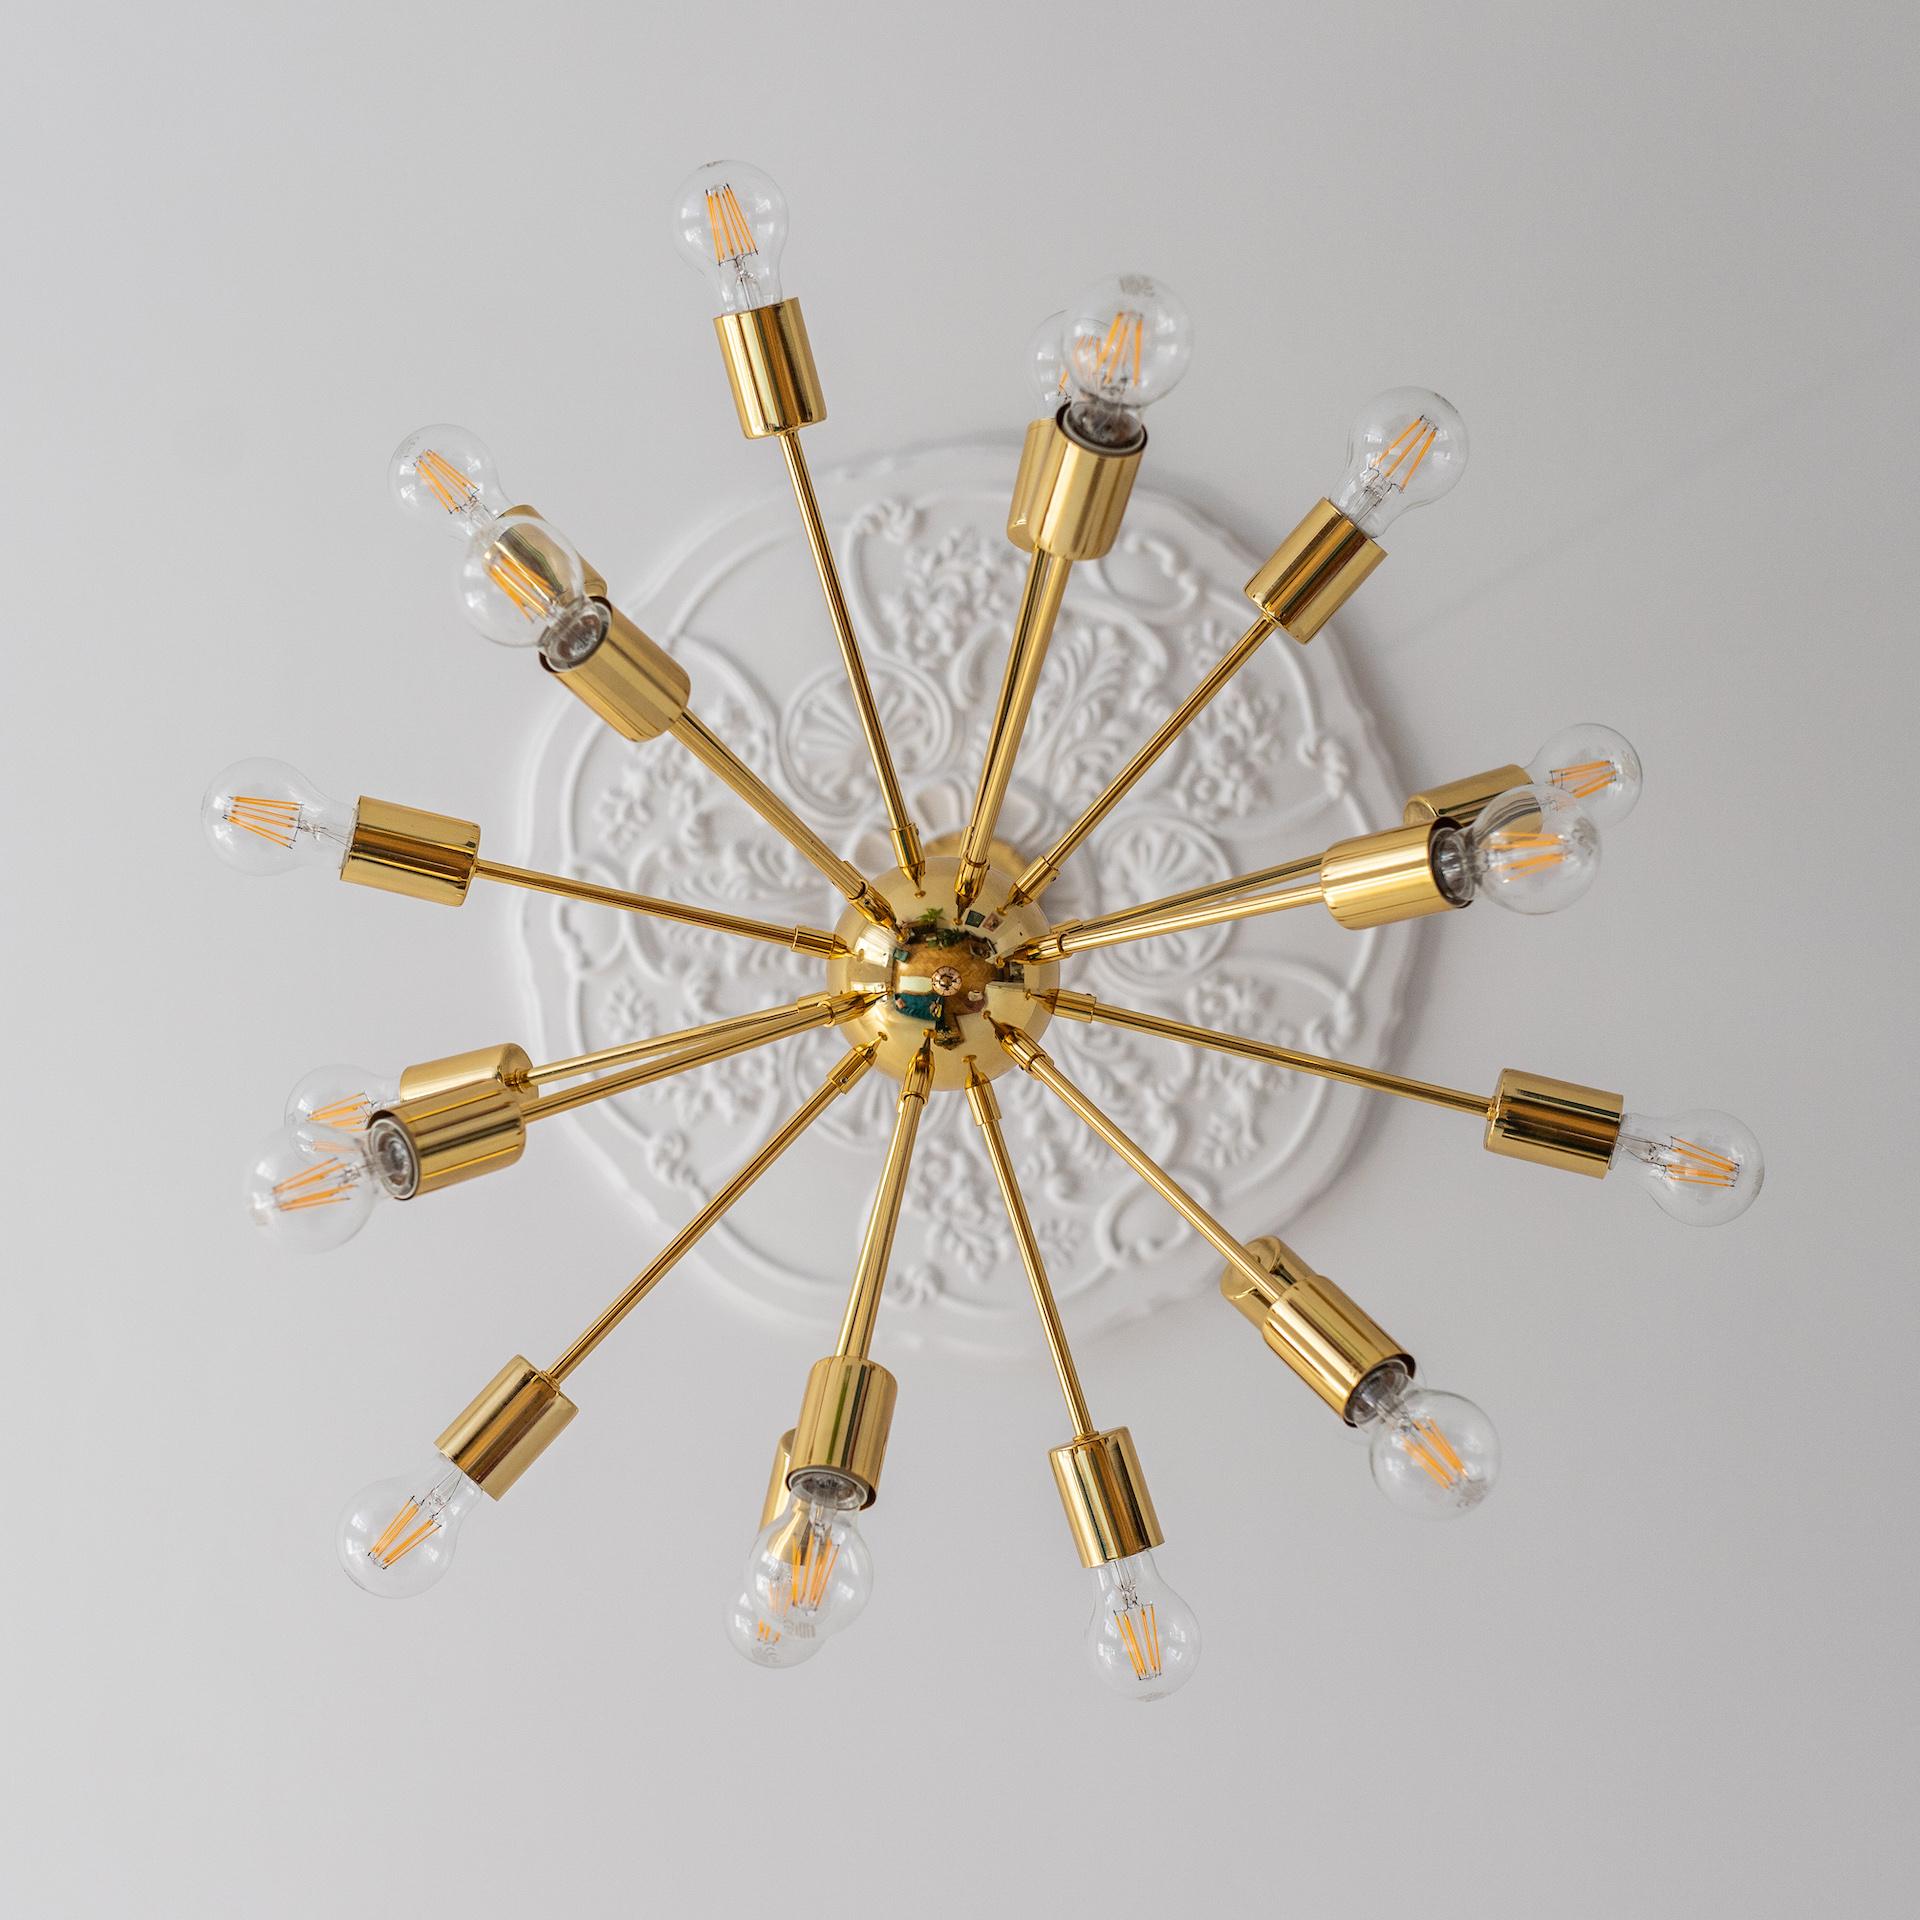 lampy sufitowe - złoty żyrandol